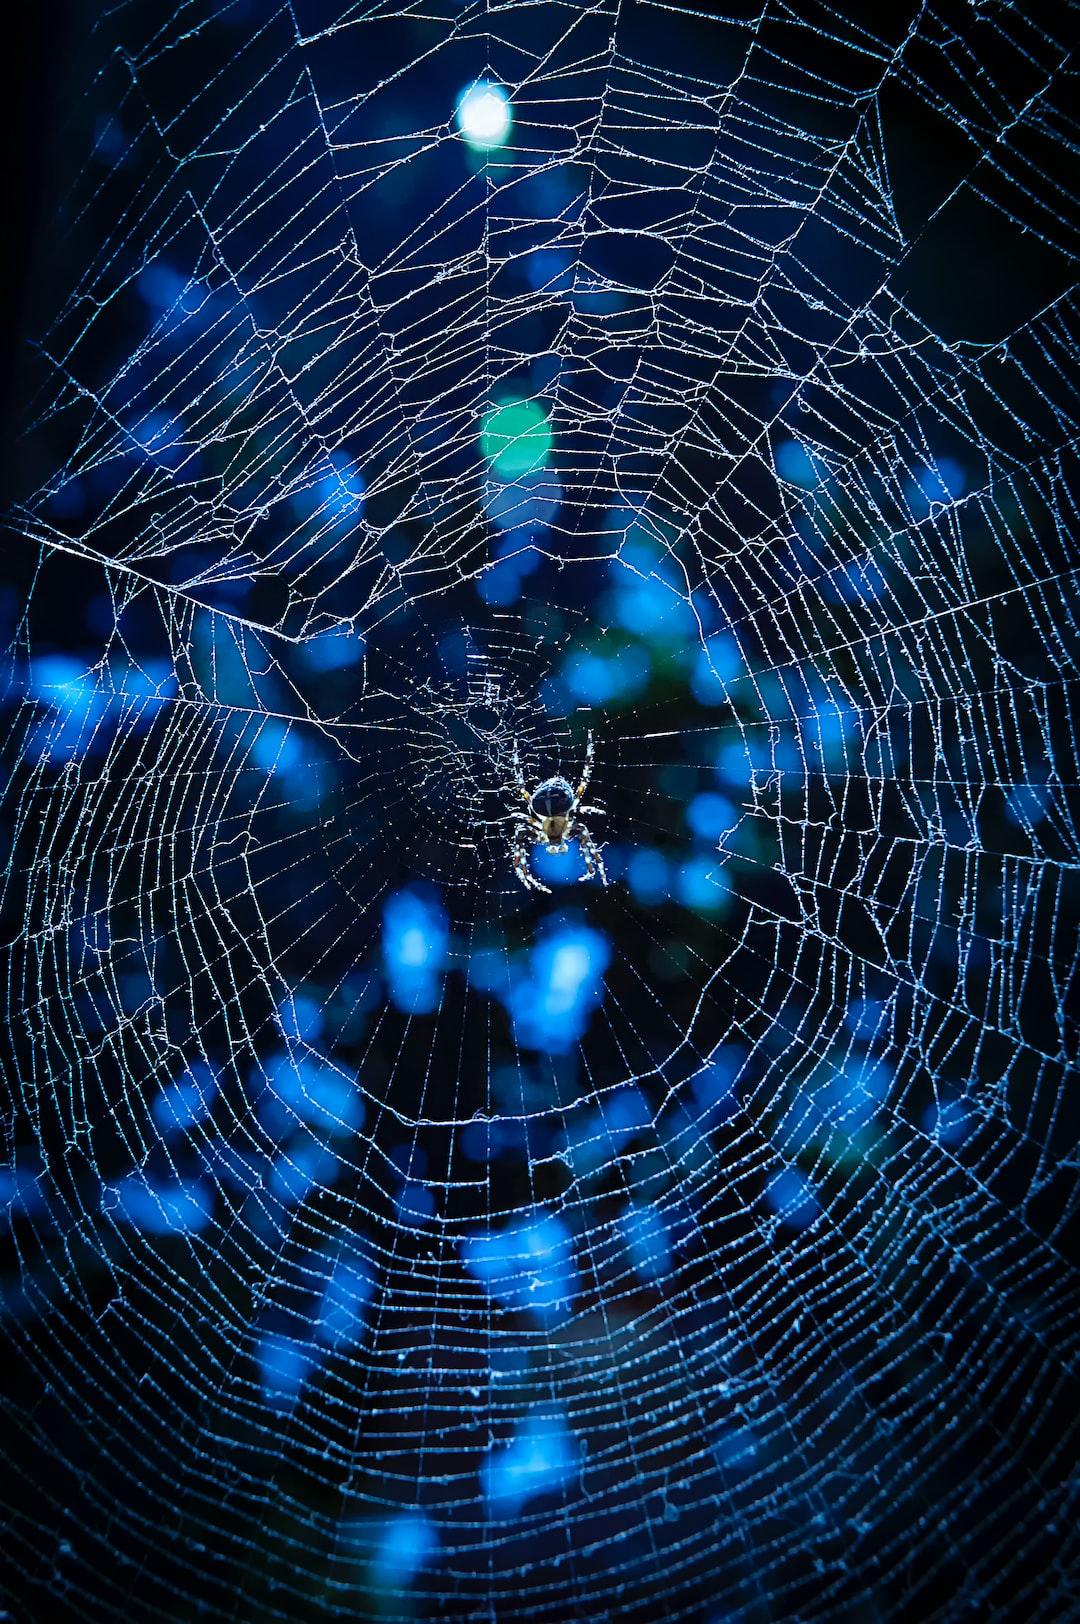 Midnight Spider